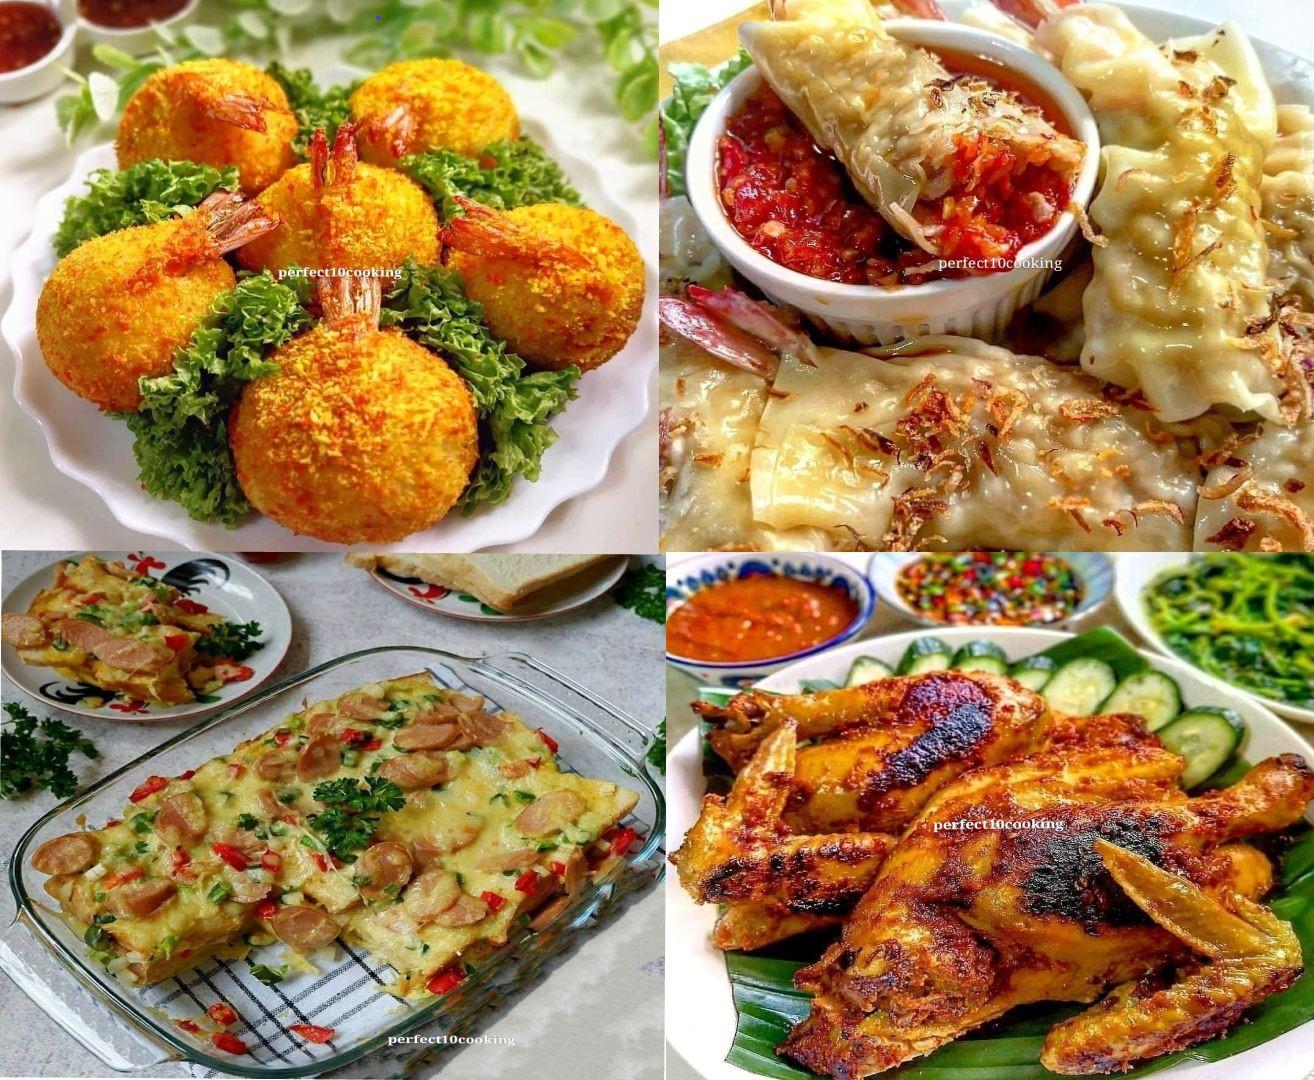 Resep Masakan Rumahan Dengan Bumbu Yang Gurih Dan Sedap ...